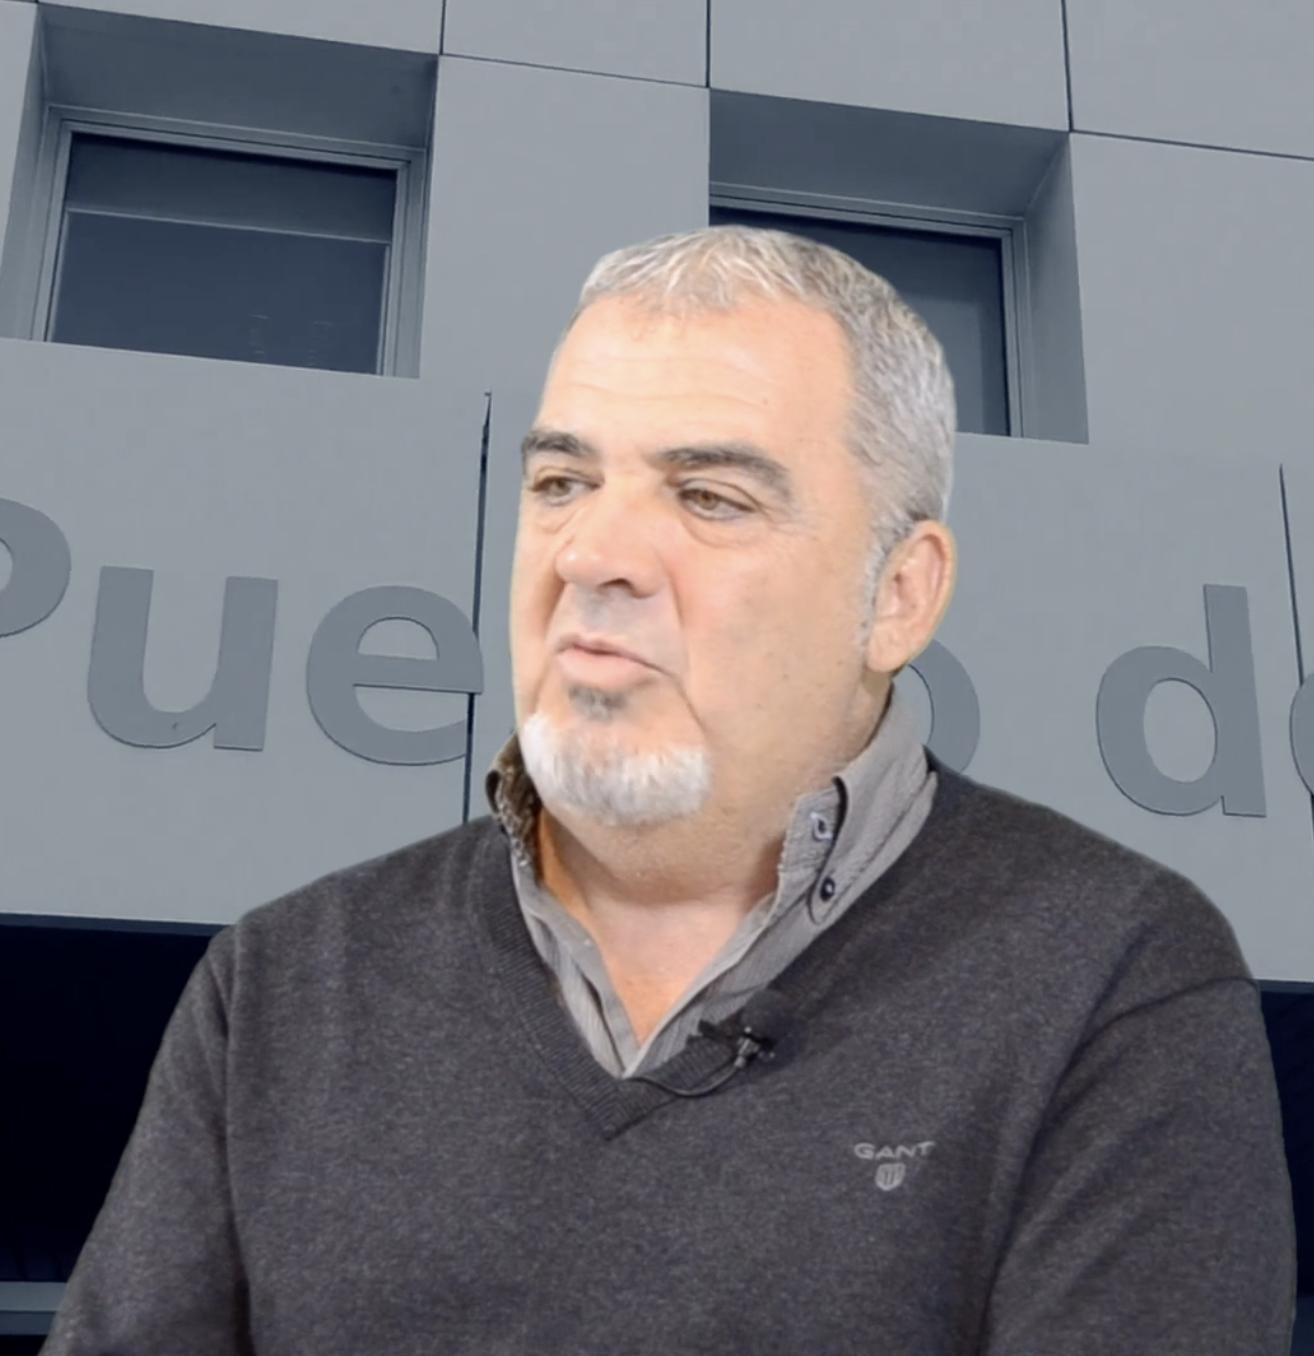 Los importadores alertan del estado del PIF a partir de este lunes, tras el ERTE anunciado por la empresa que lo gestiona